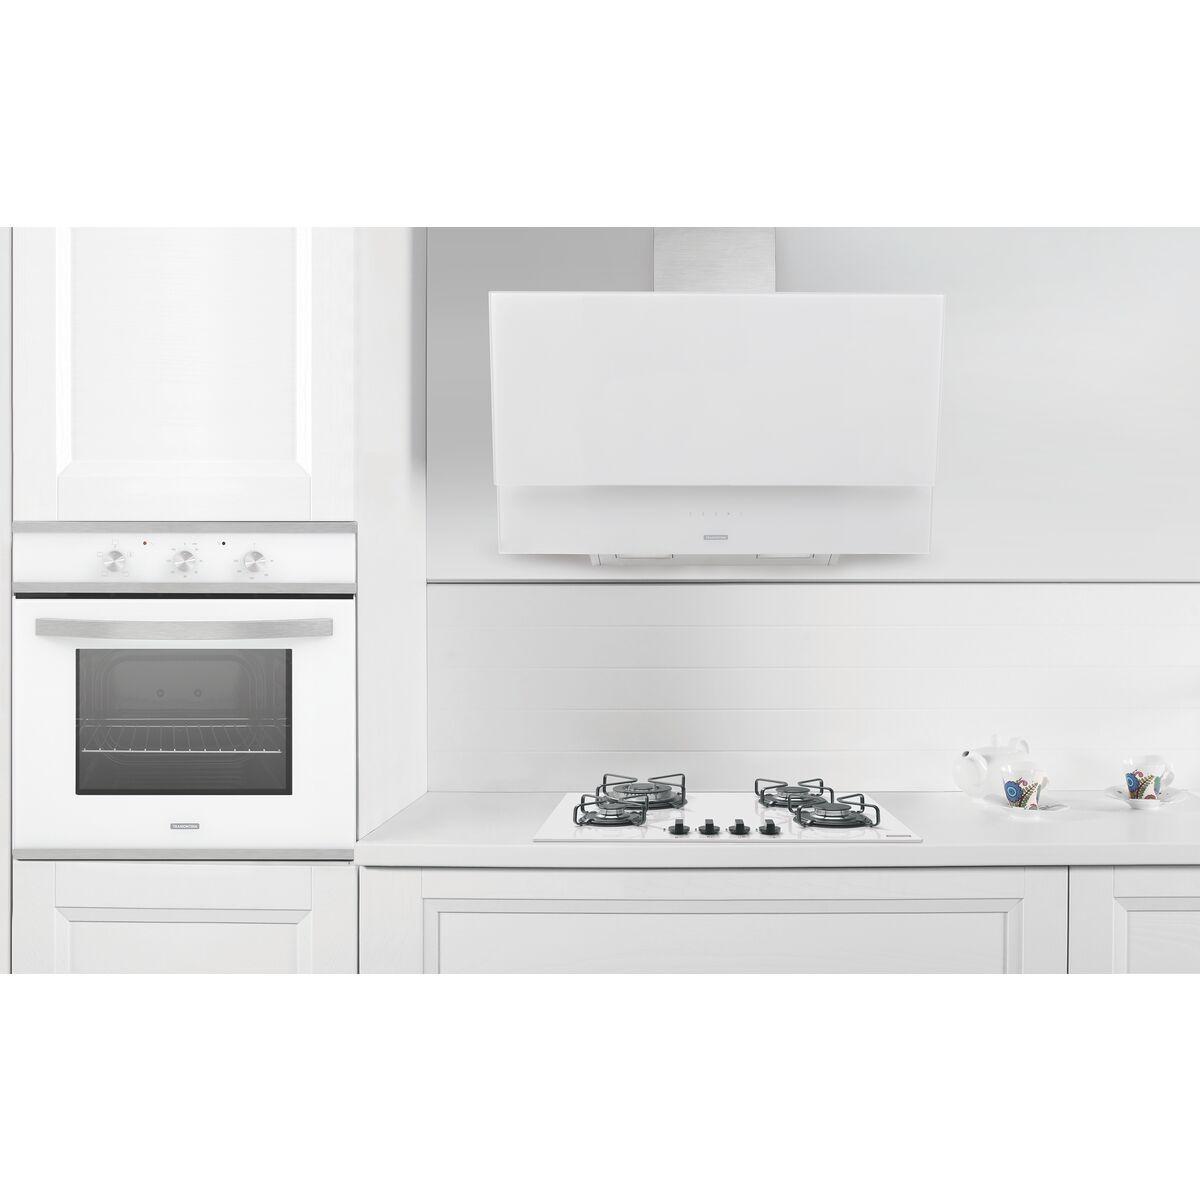 Tramontina Campana De Pared 90 Cm En Acero Inoxidable Vidrio  ~ Campanas De Cocina Sin Salida Al Exterior